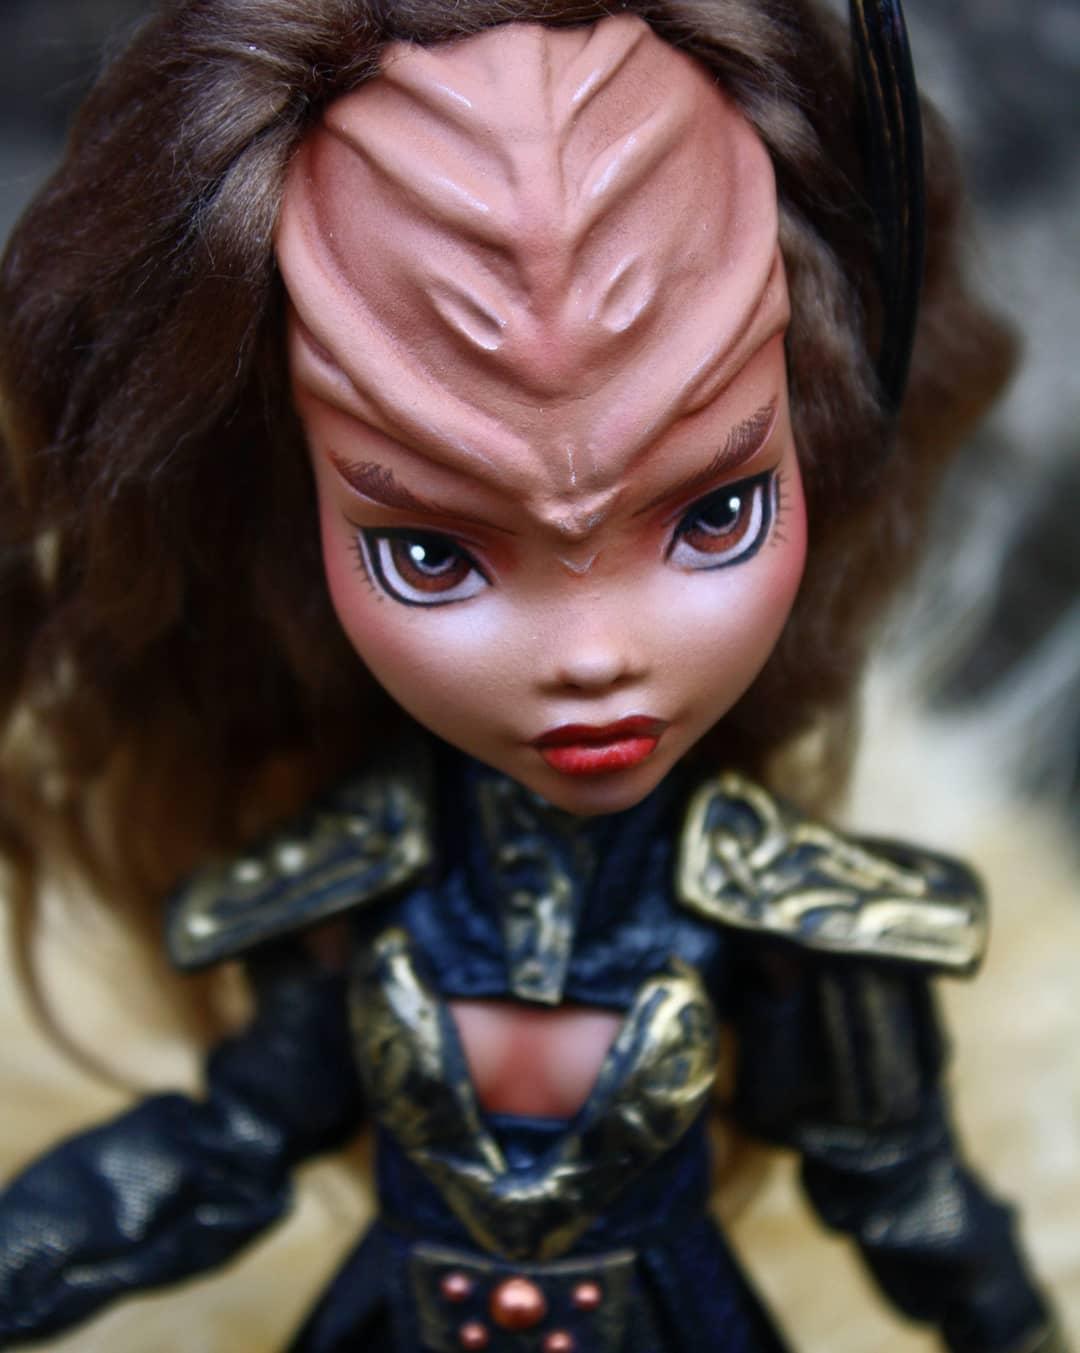 Klingon dolls